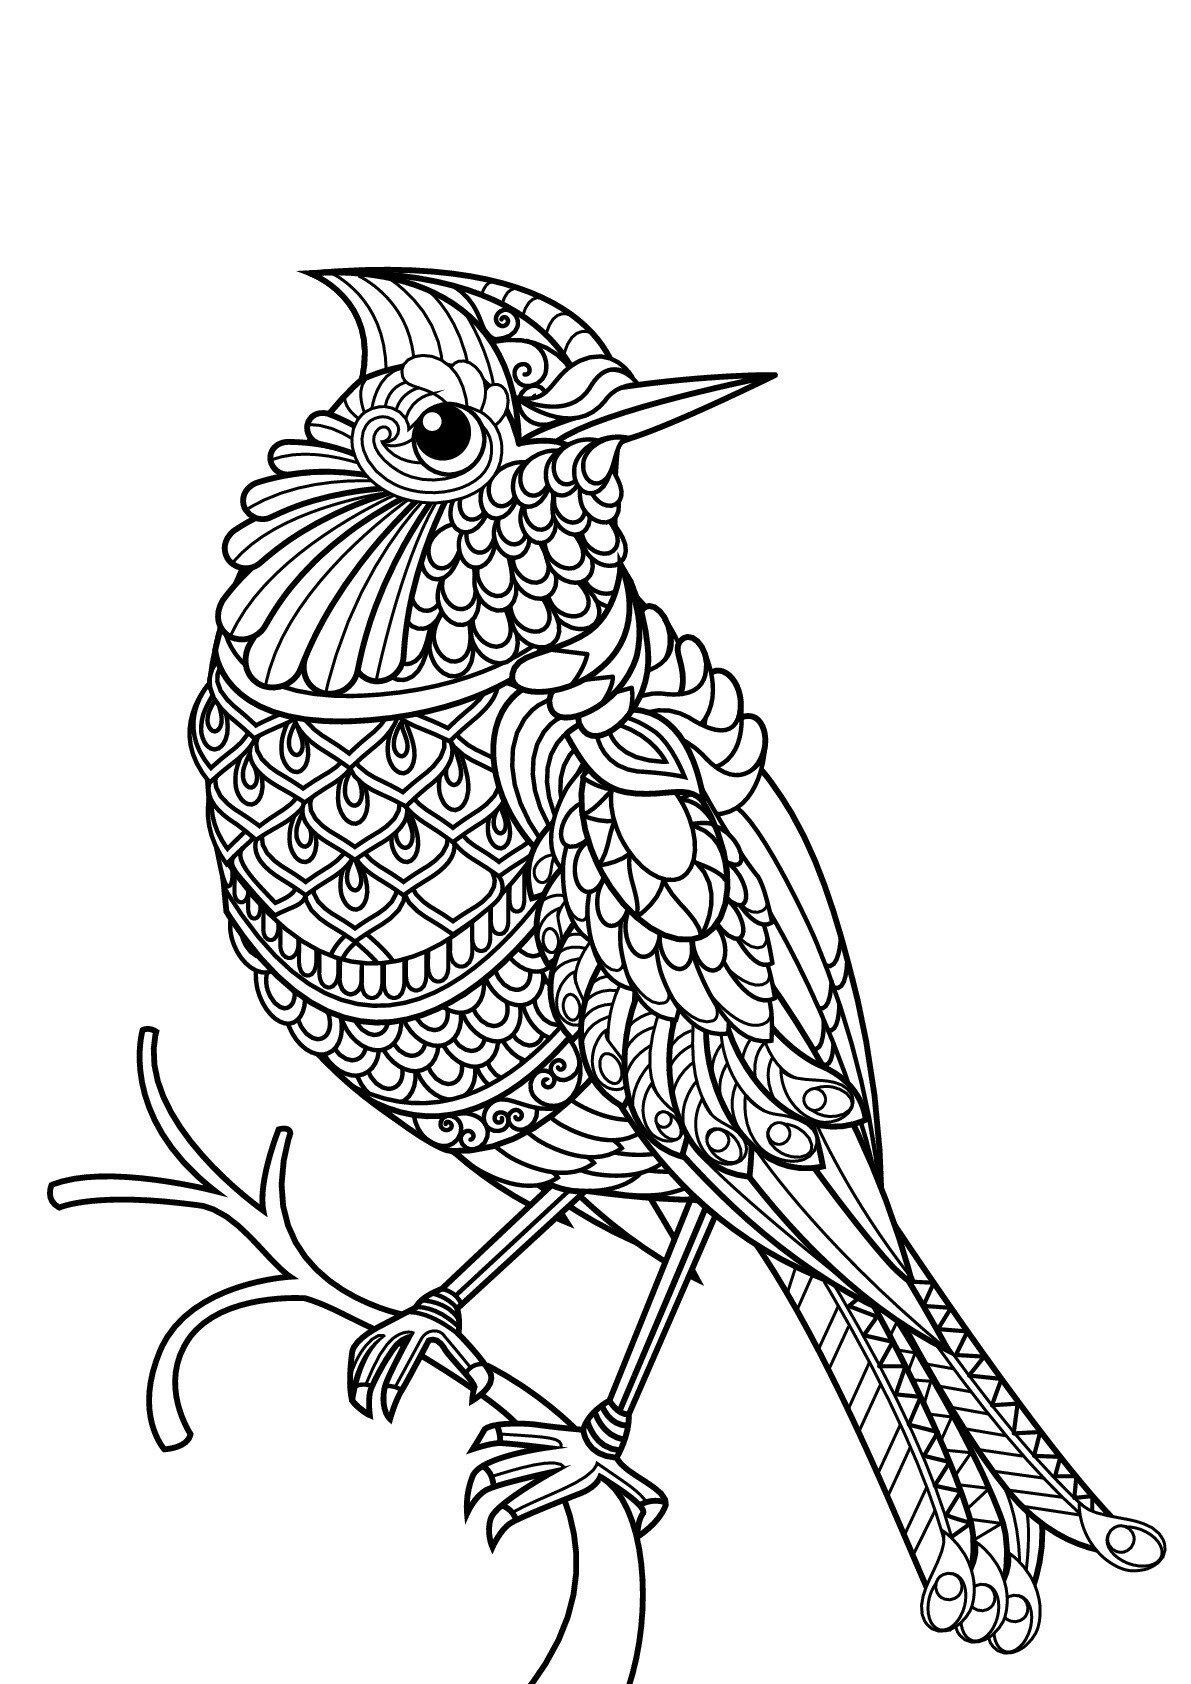 Раскраска про птиц распечатать антистресс